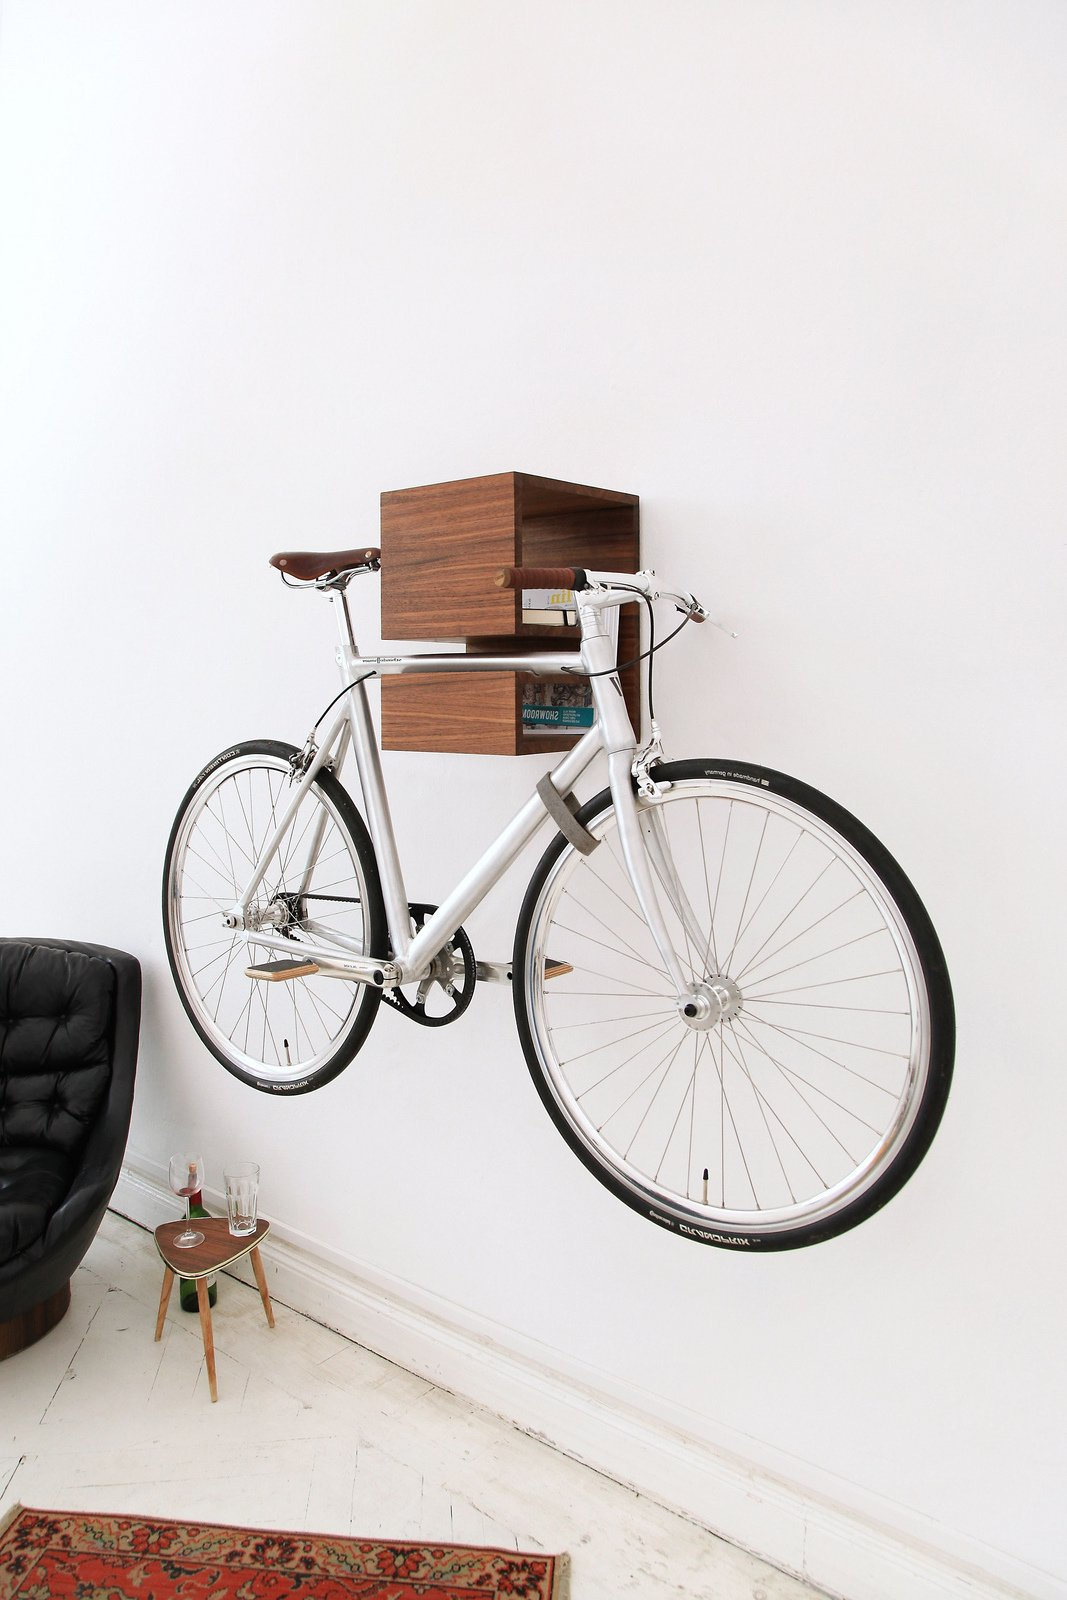 Ideen für Fahrradhalterung für Wand